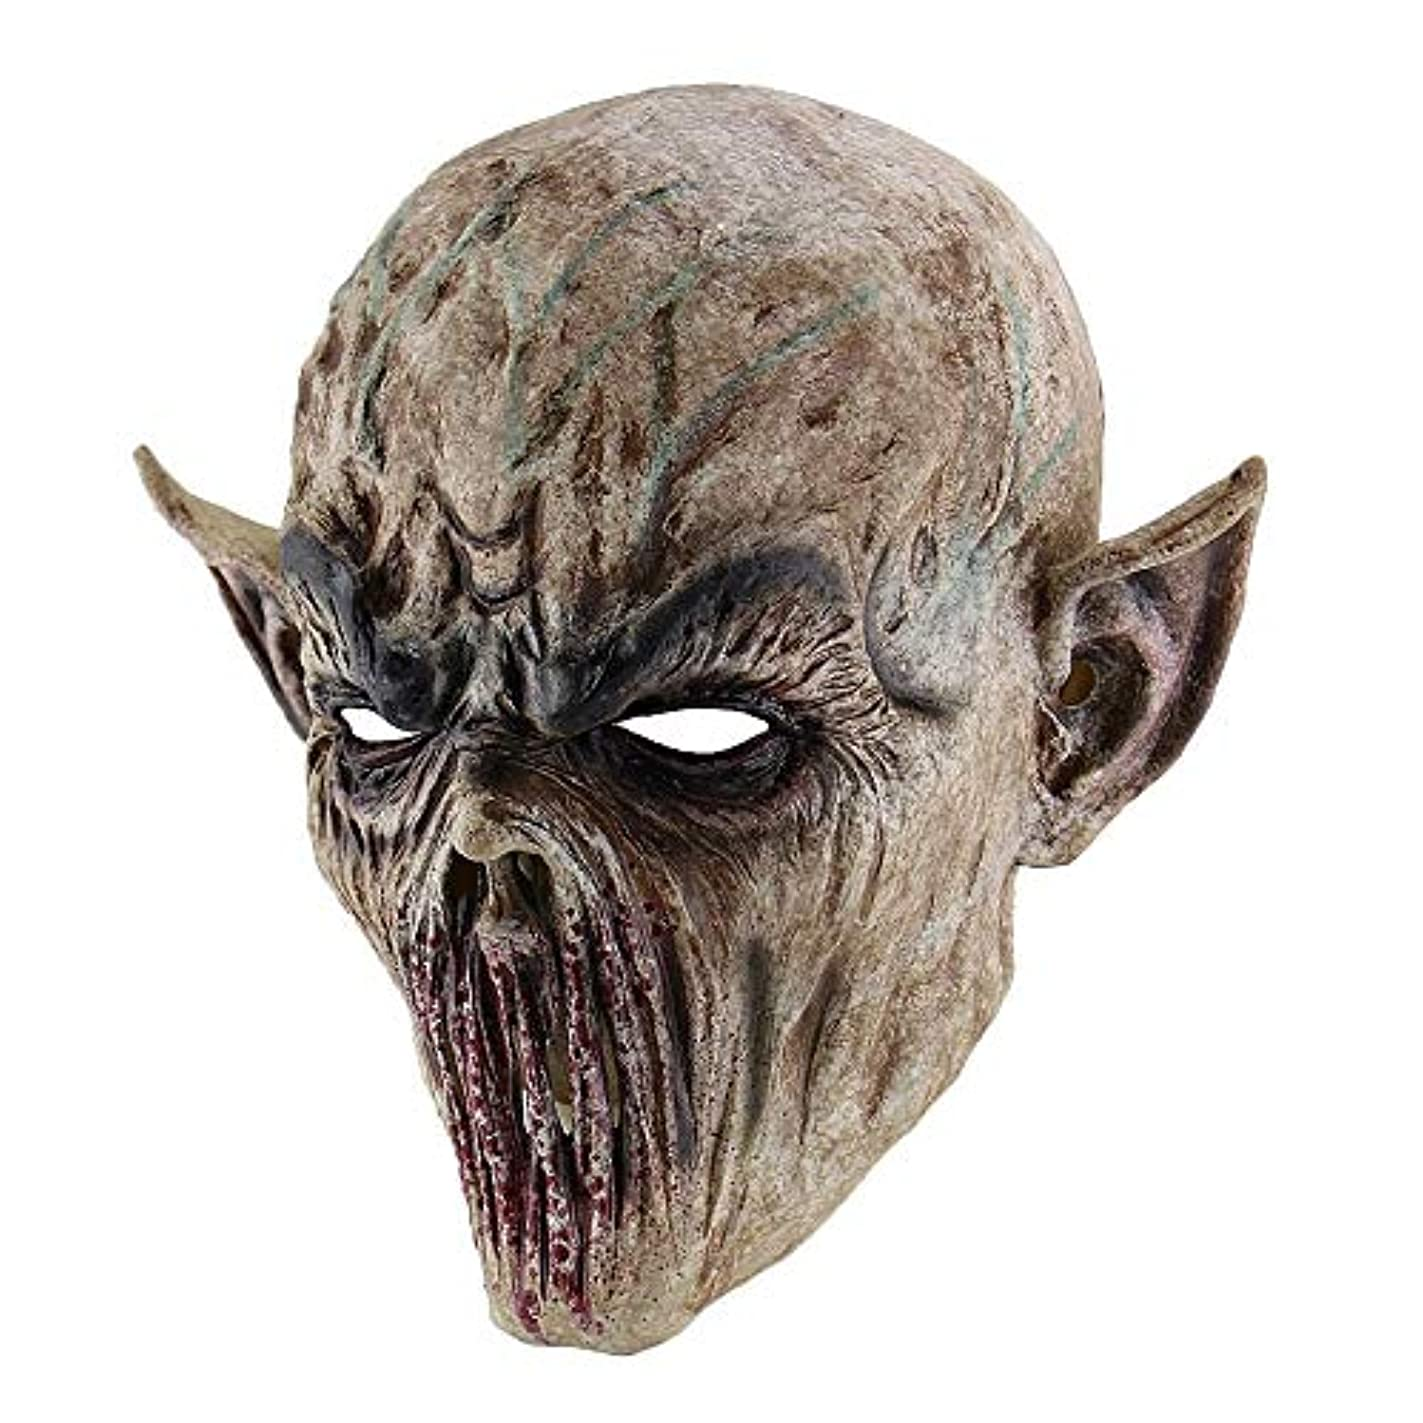 旅行代理店コカイン財布不気味な怖いハロウィーン不気味なラテックスマスク、大人のパーティーコスプレ衣装、仮装衣装,Zombie